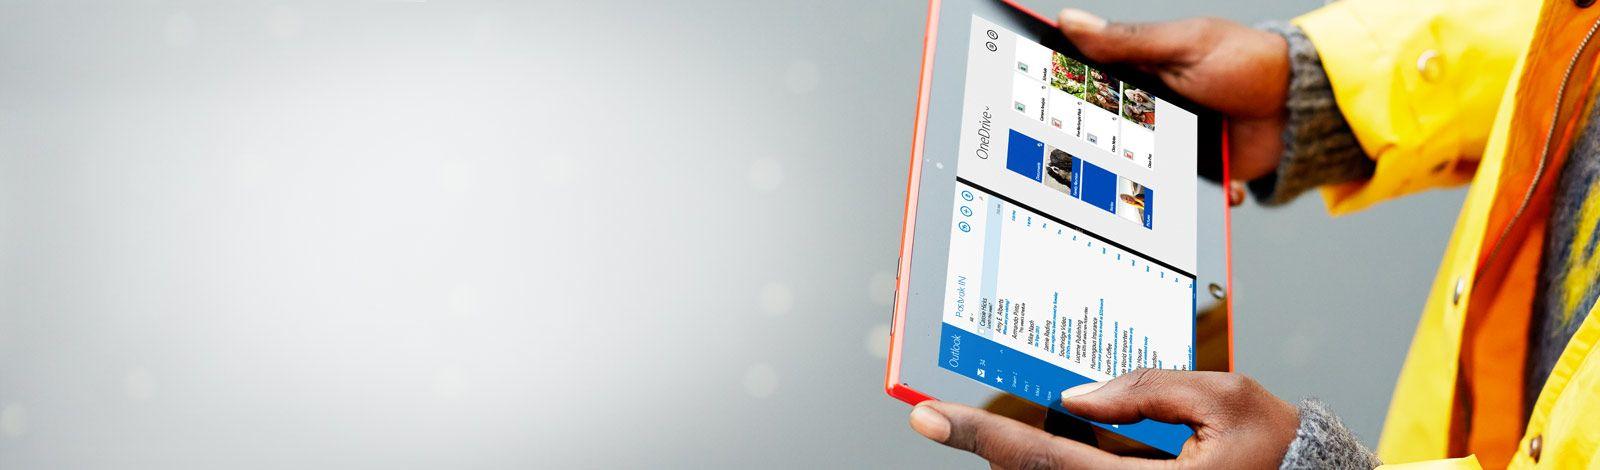 Een man met een tablet in zijn handen. Met Office 365 kunt u overal werken.